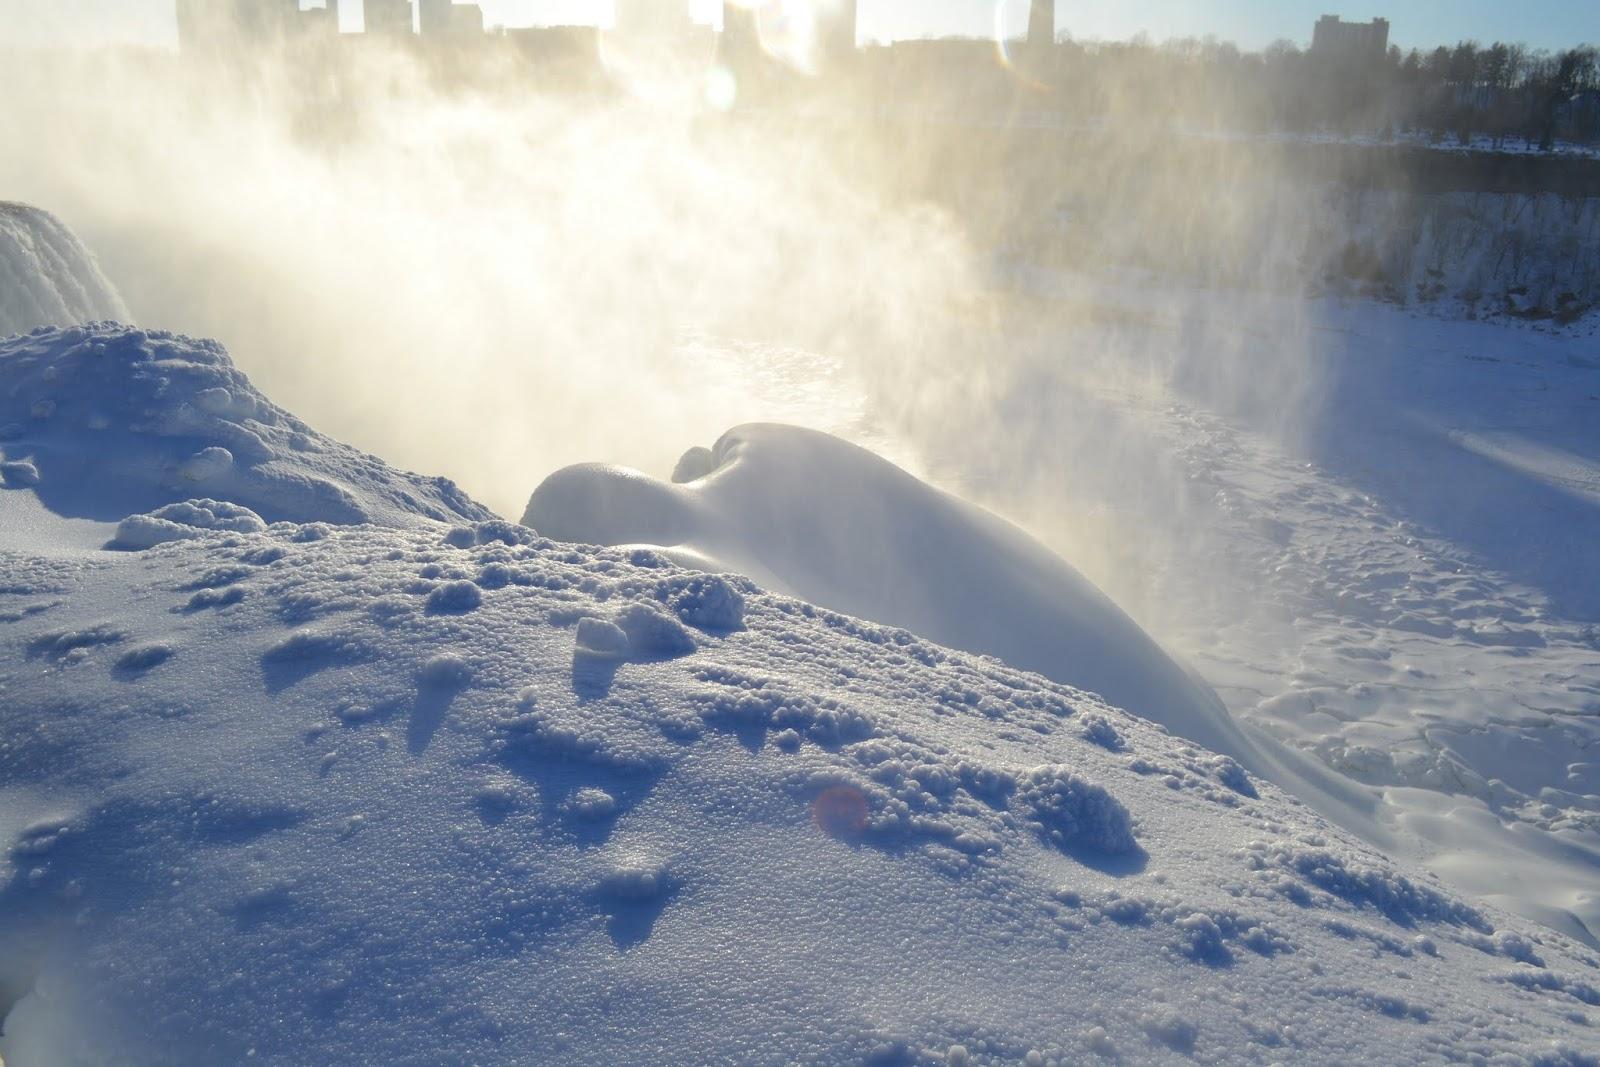 Замерзшая Ниагара, Нью Йорк (Niagara Falls, NY)